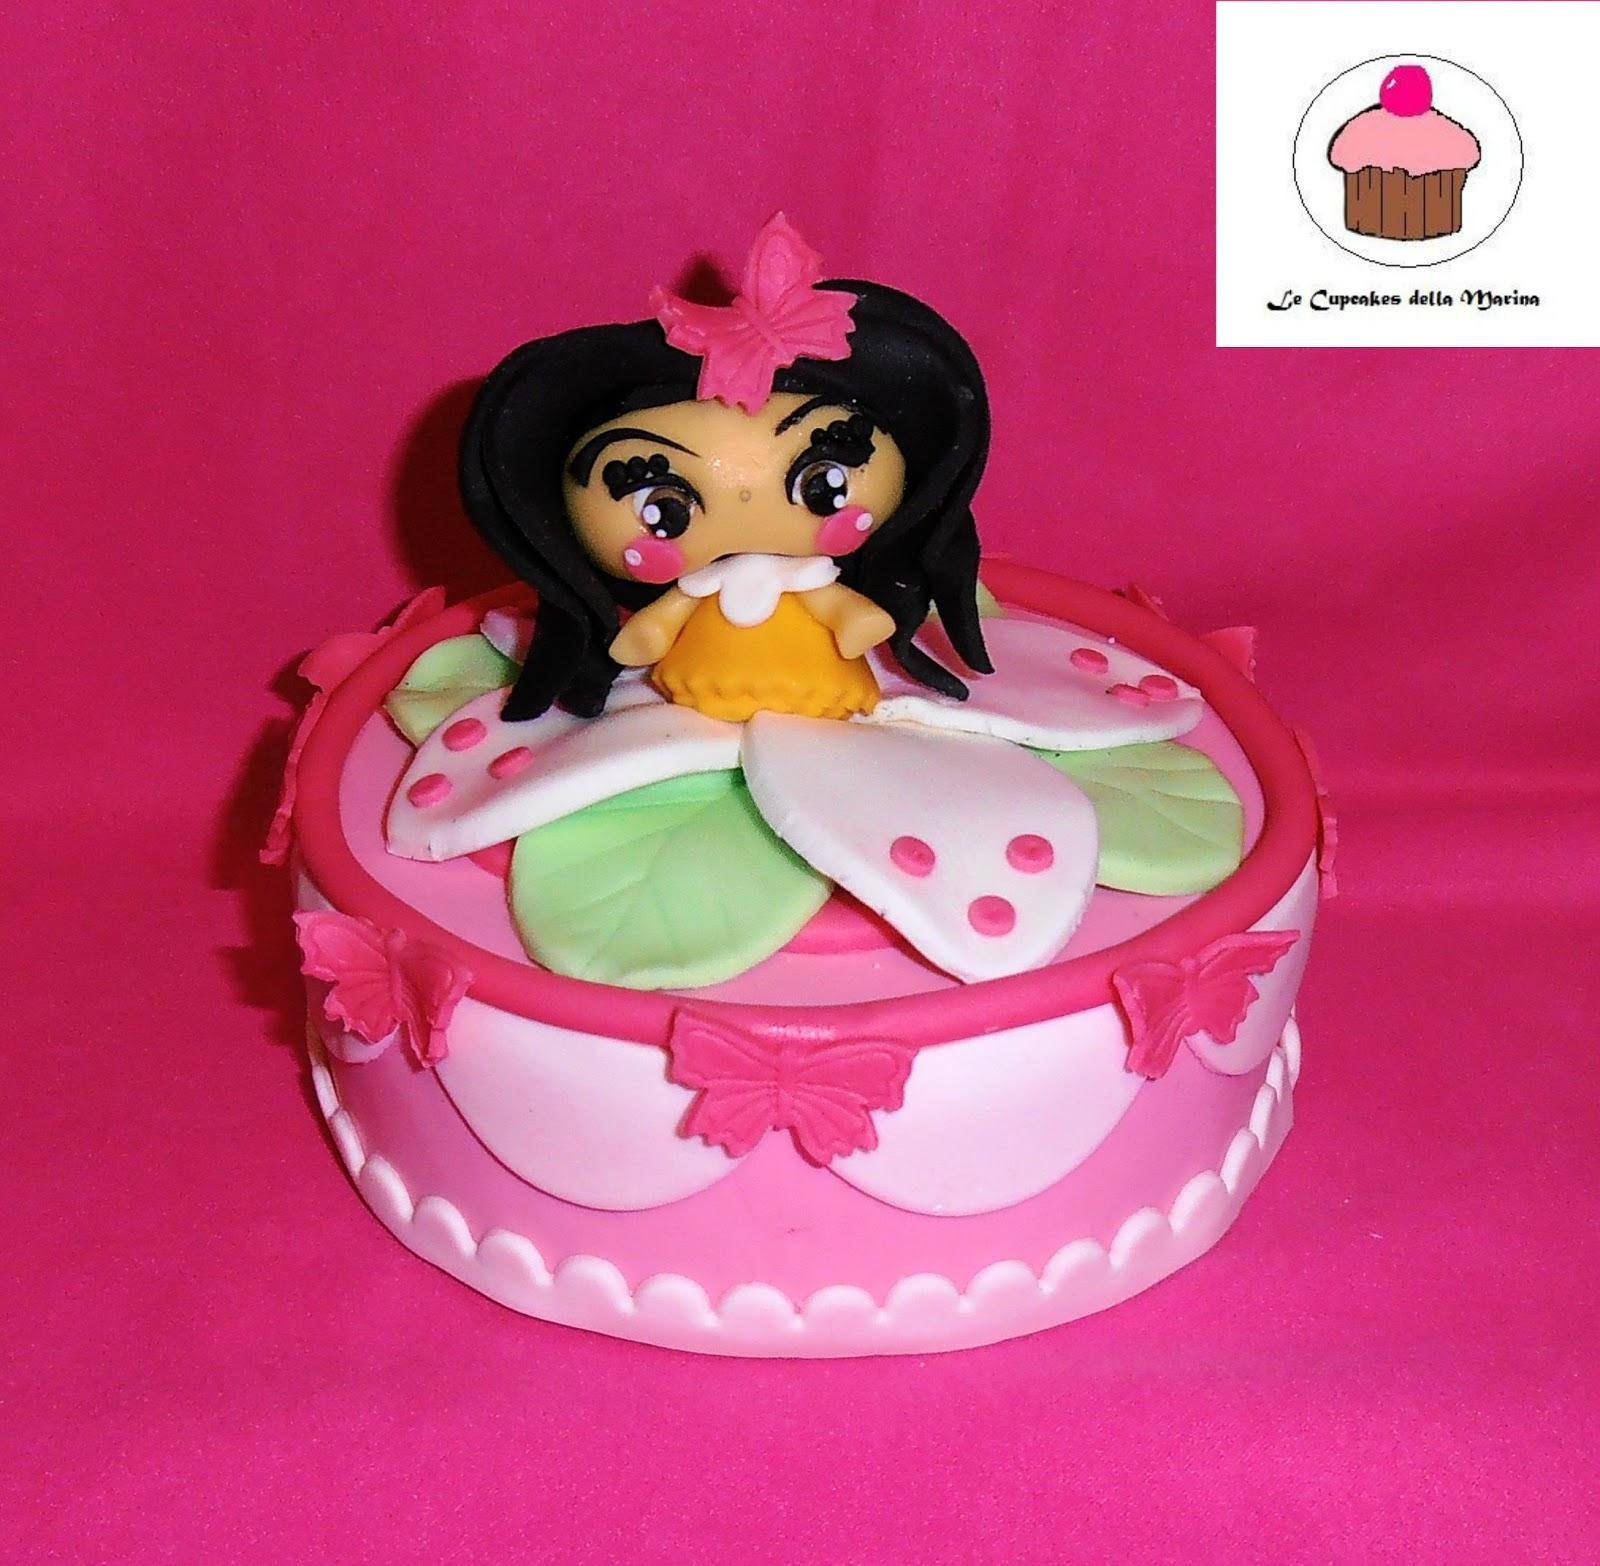 Le Cupcakes della Marina: dicembre 2012